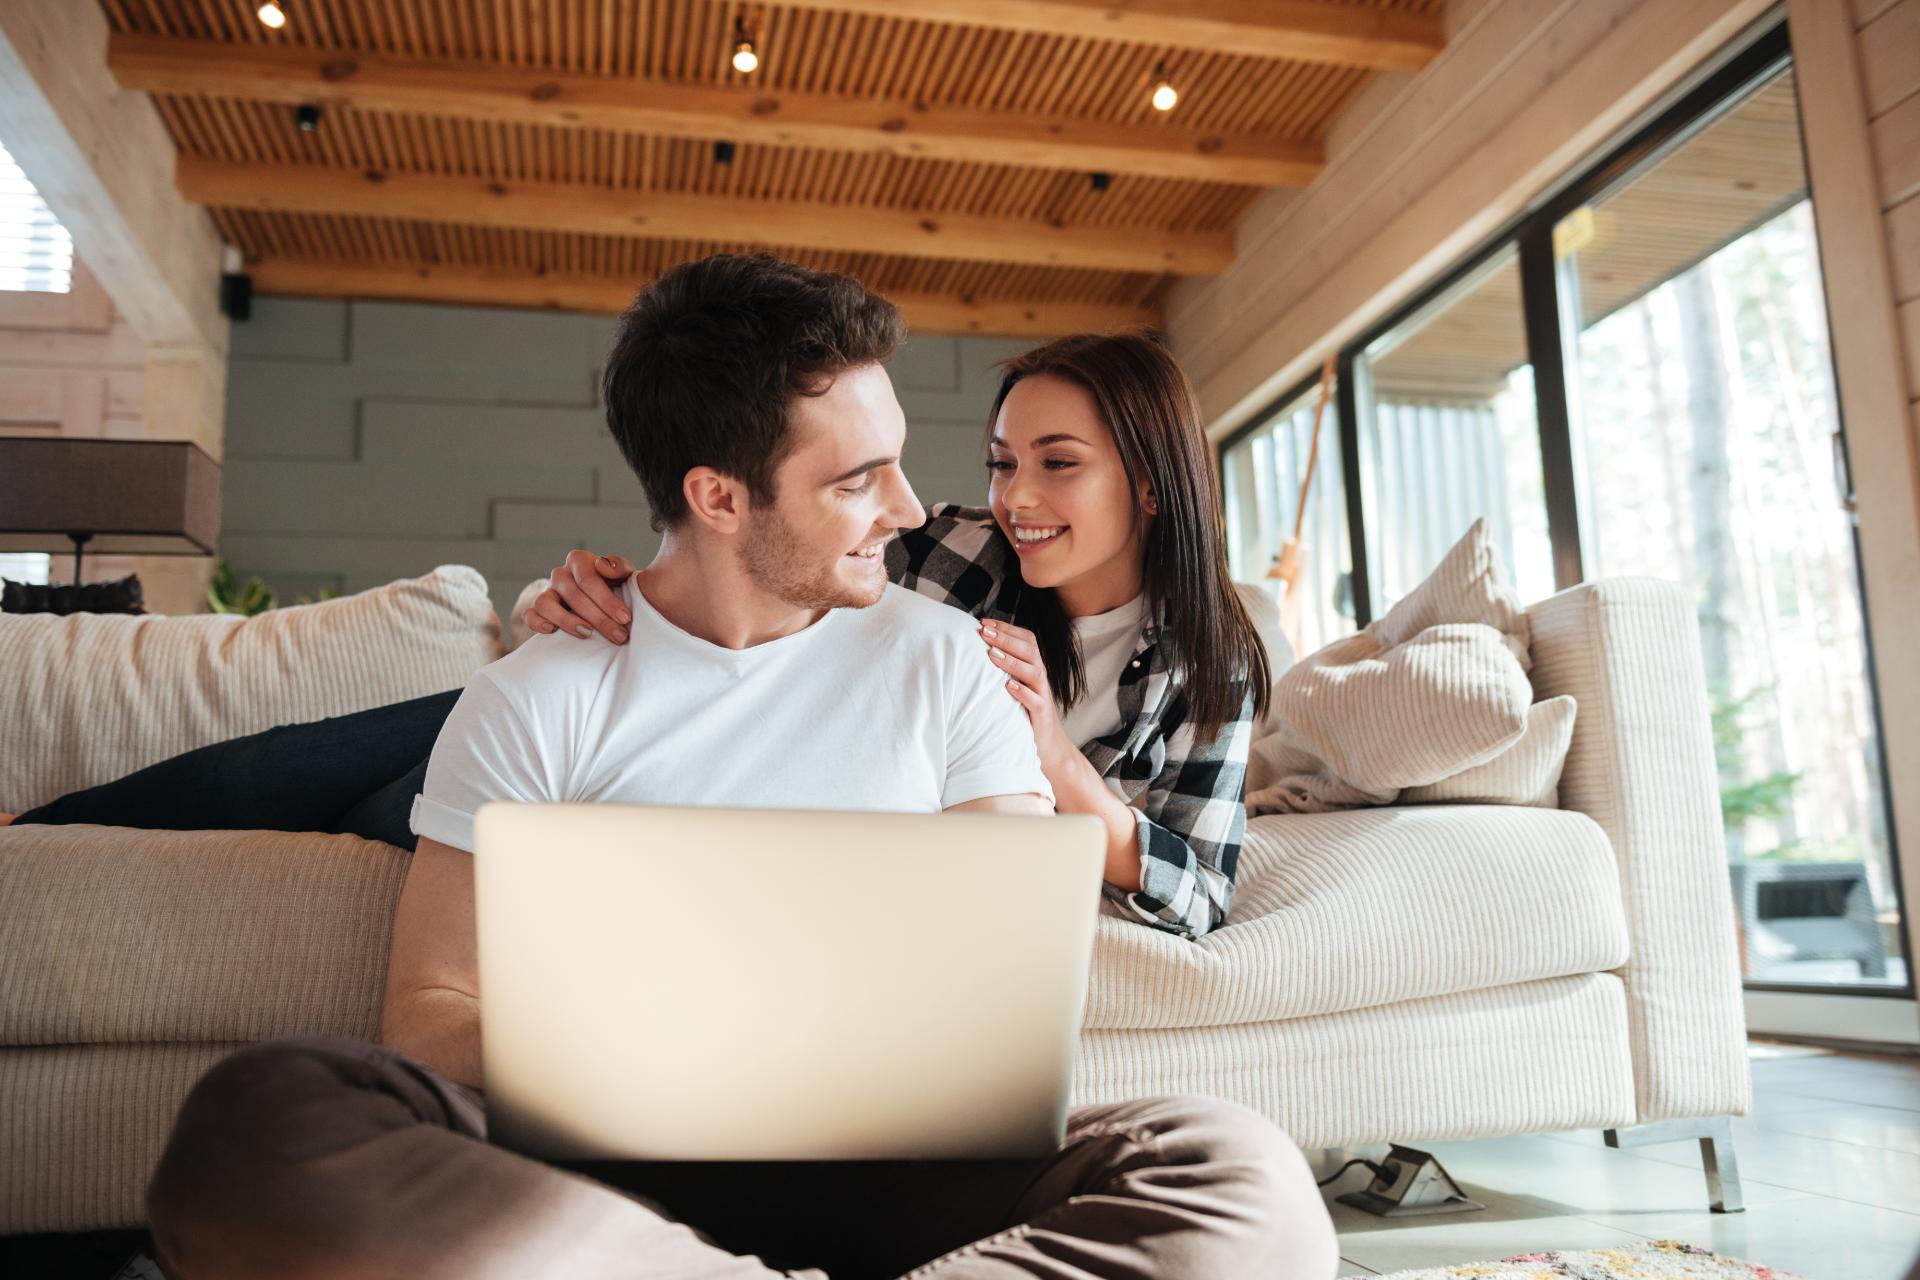 planeje sua aposentadoria imobiliaria